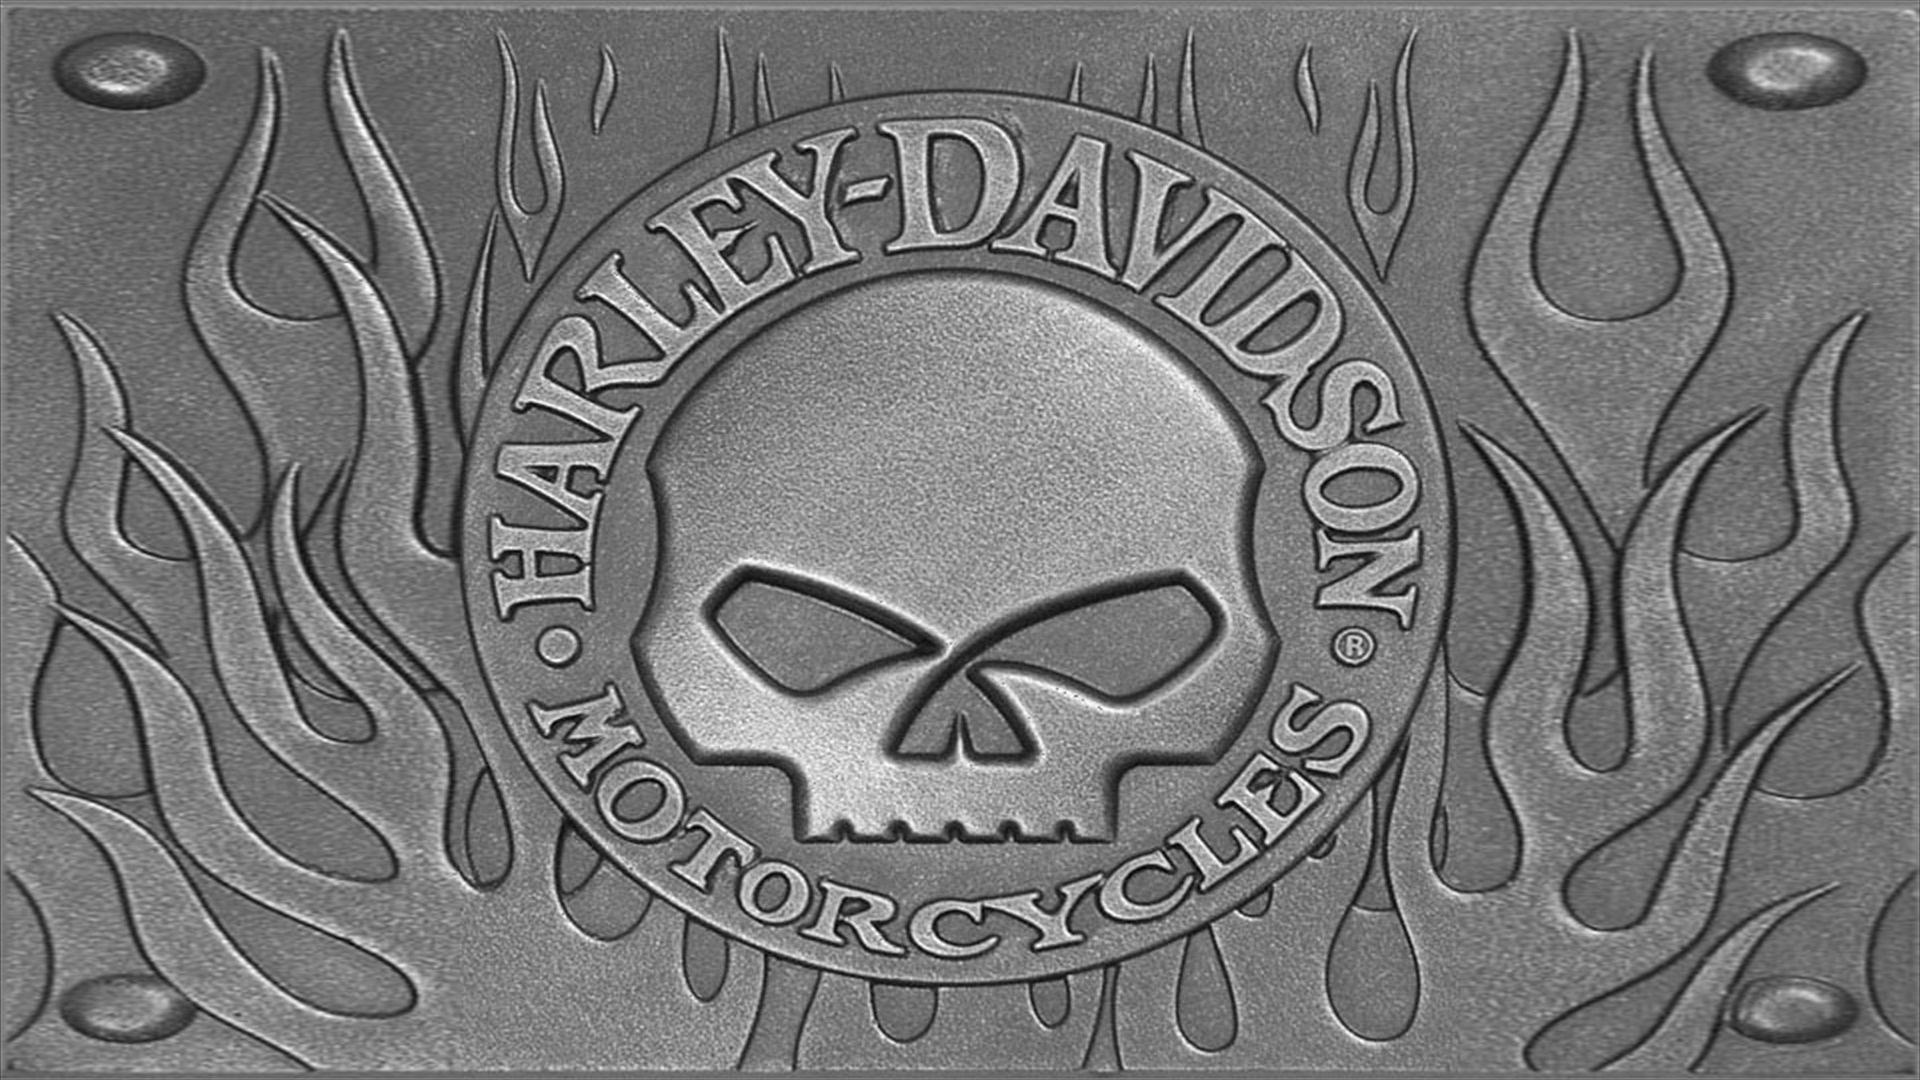 Harley Davidson Logo 2 Wallpaper   MixHD wallpapers 1920x1080